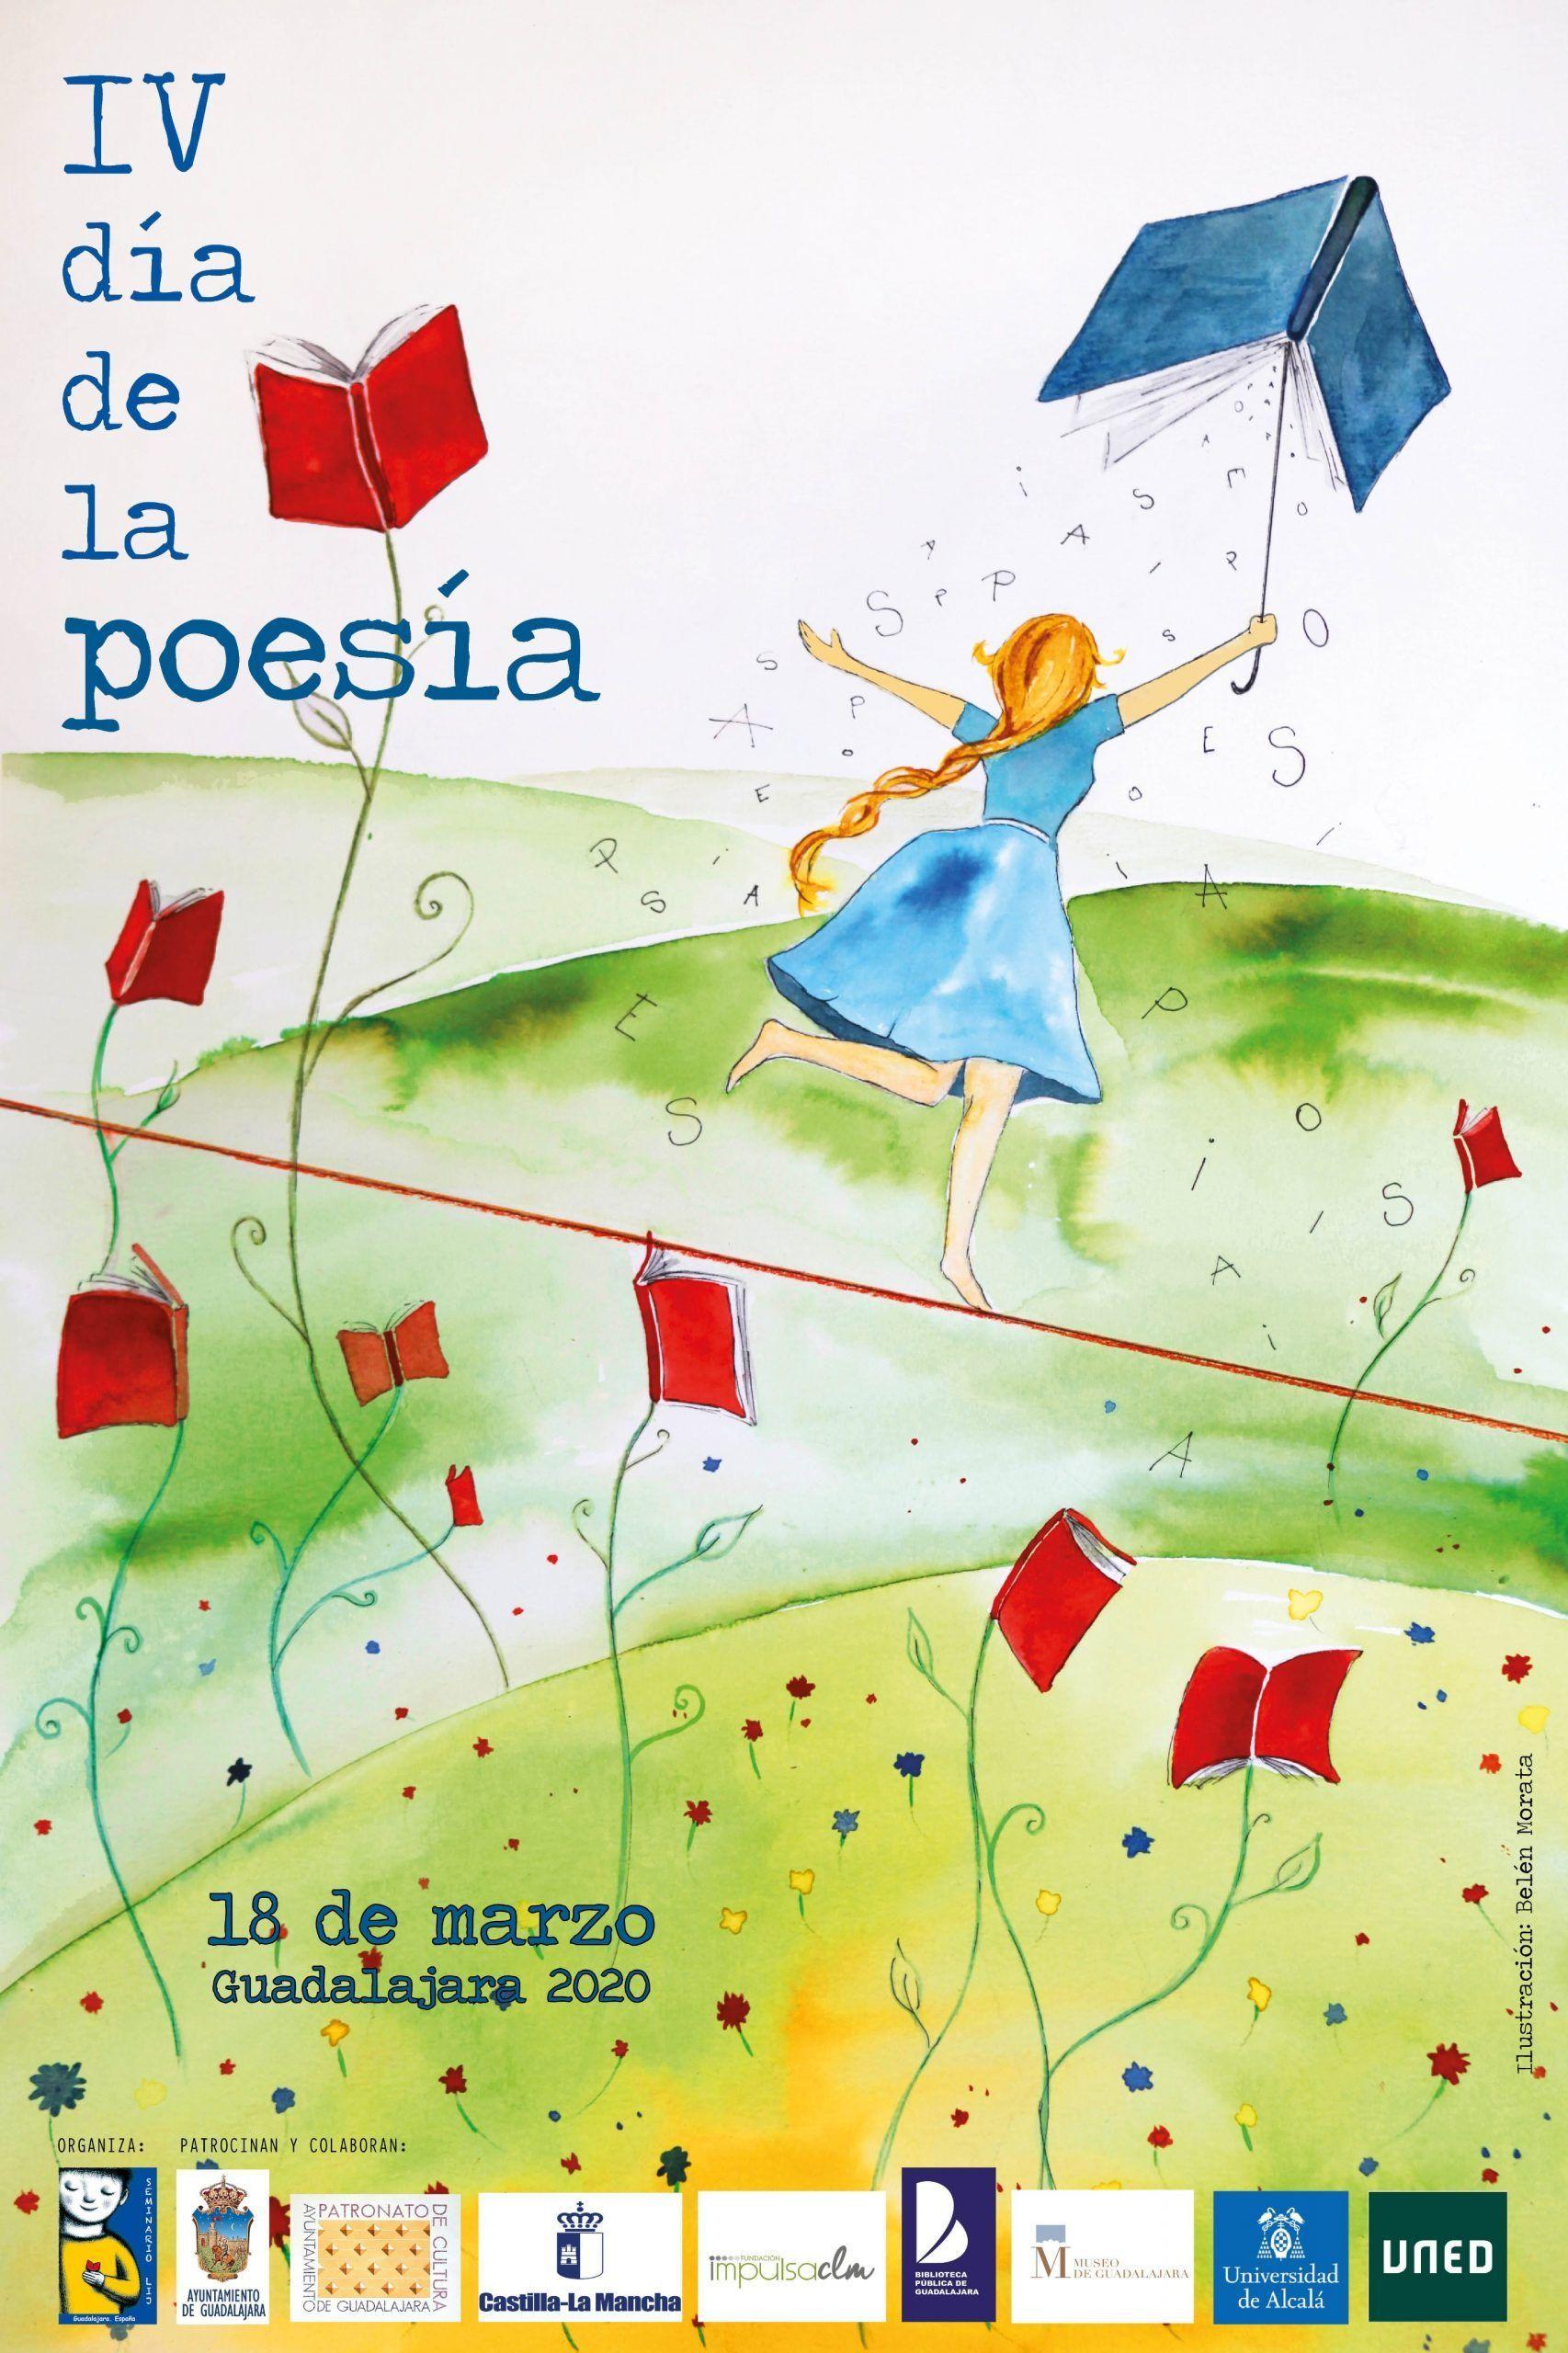 Guadalajara celebrará el sábado un Día de la Poesía  virtual, participativo e imaginativo